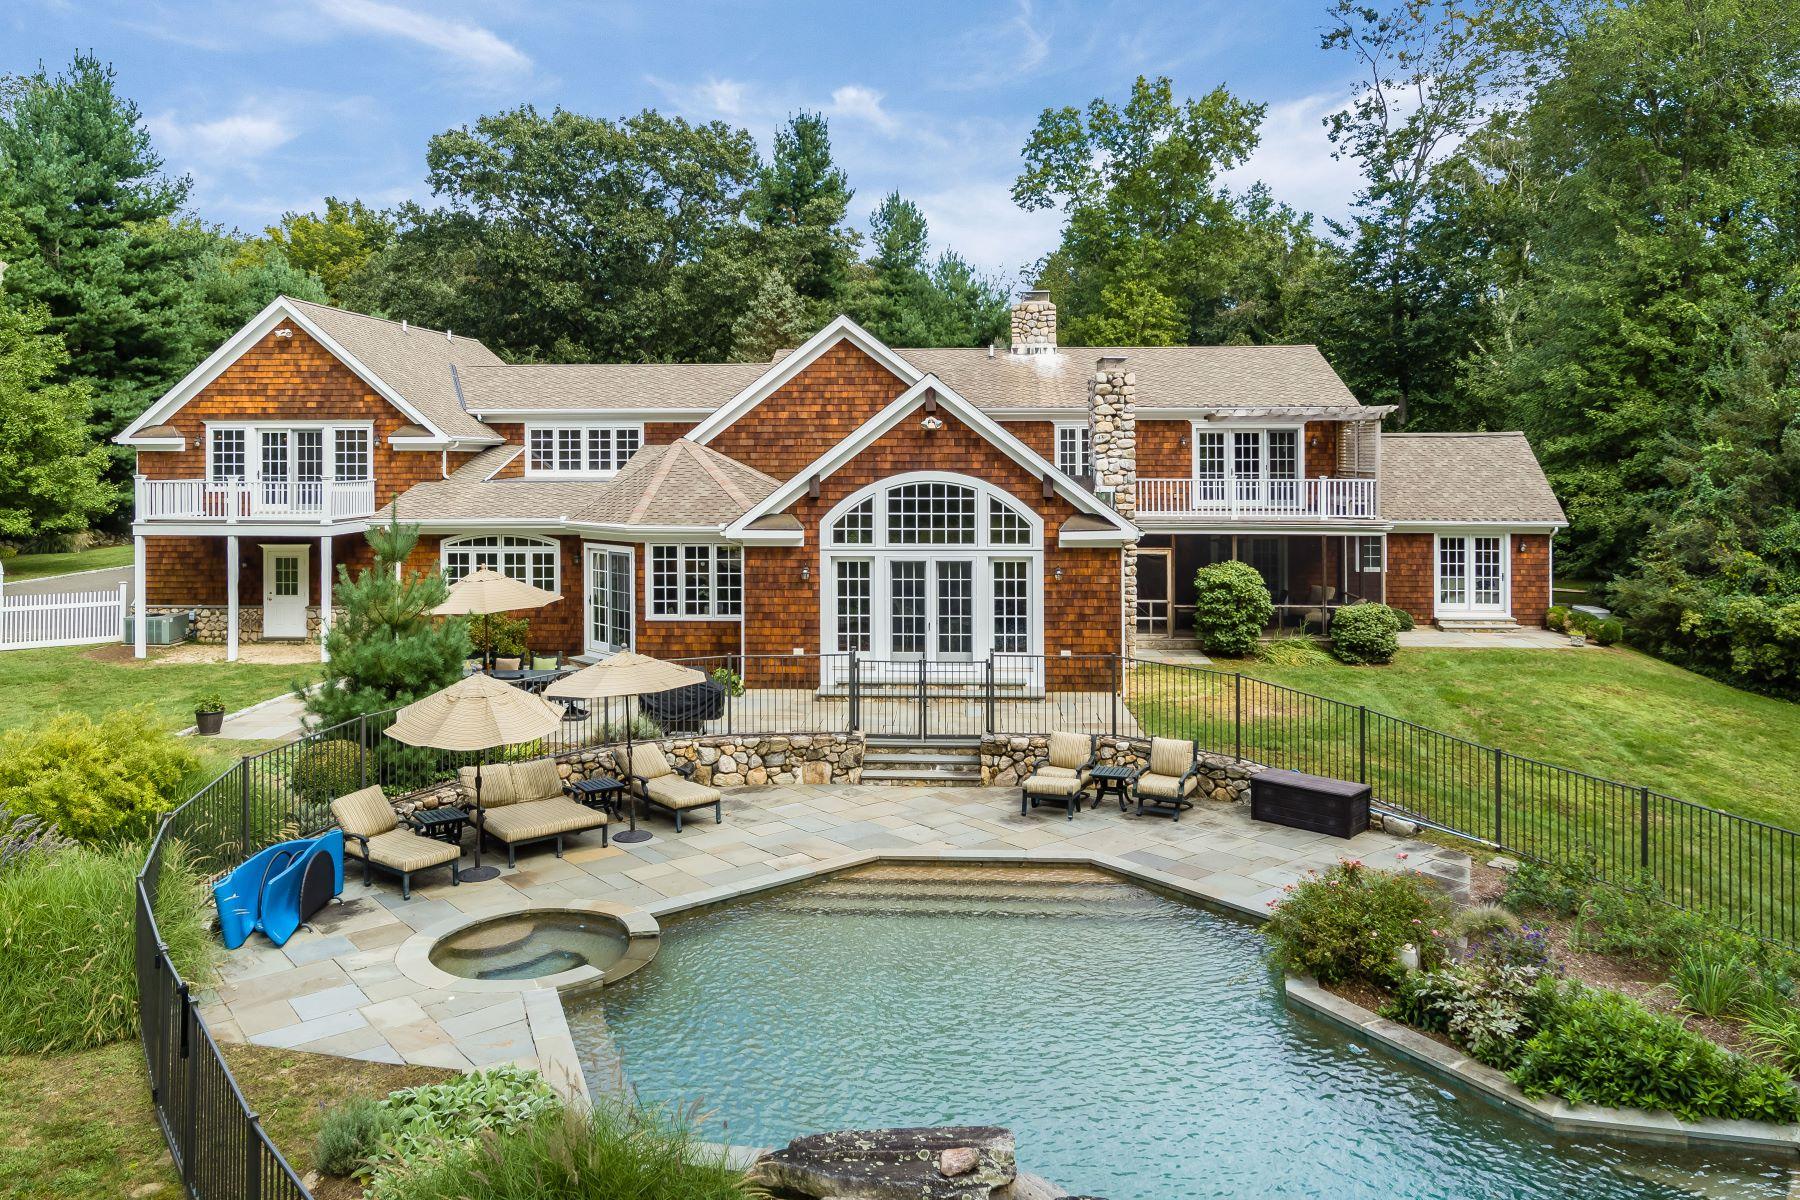 Частный односемейный дом для того Продажа на Exquisite Nantucket Shingle Style Home in Desirable Neighborhood 63 Fanton Hill Road Weston, Коннектикут 06883 Соединенные Штаты